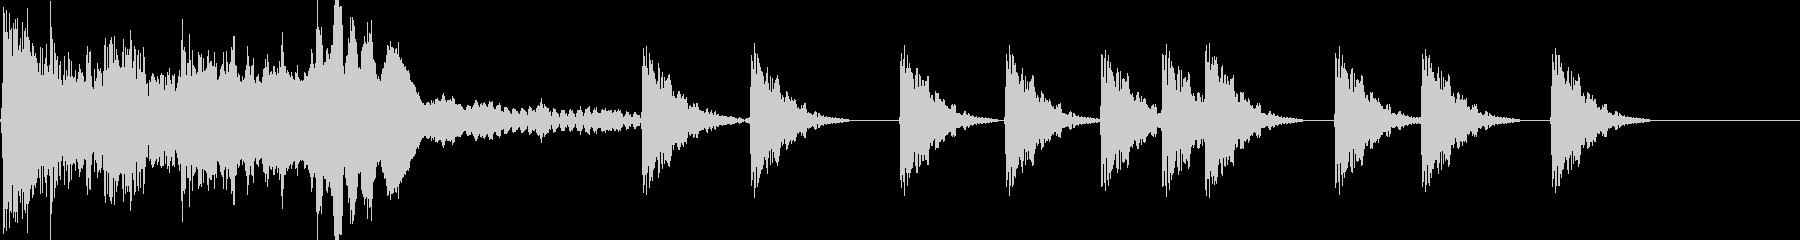 カチャン!ピピピピ(ロックオンする音)の未再生の波形